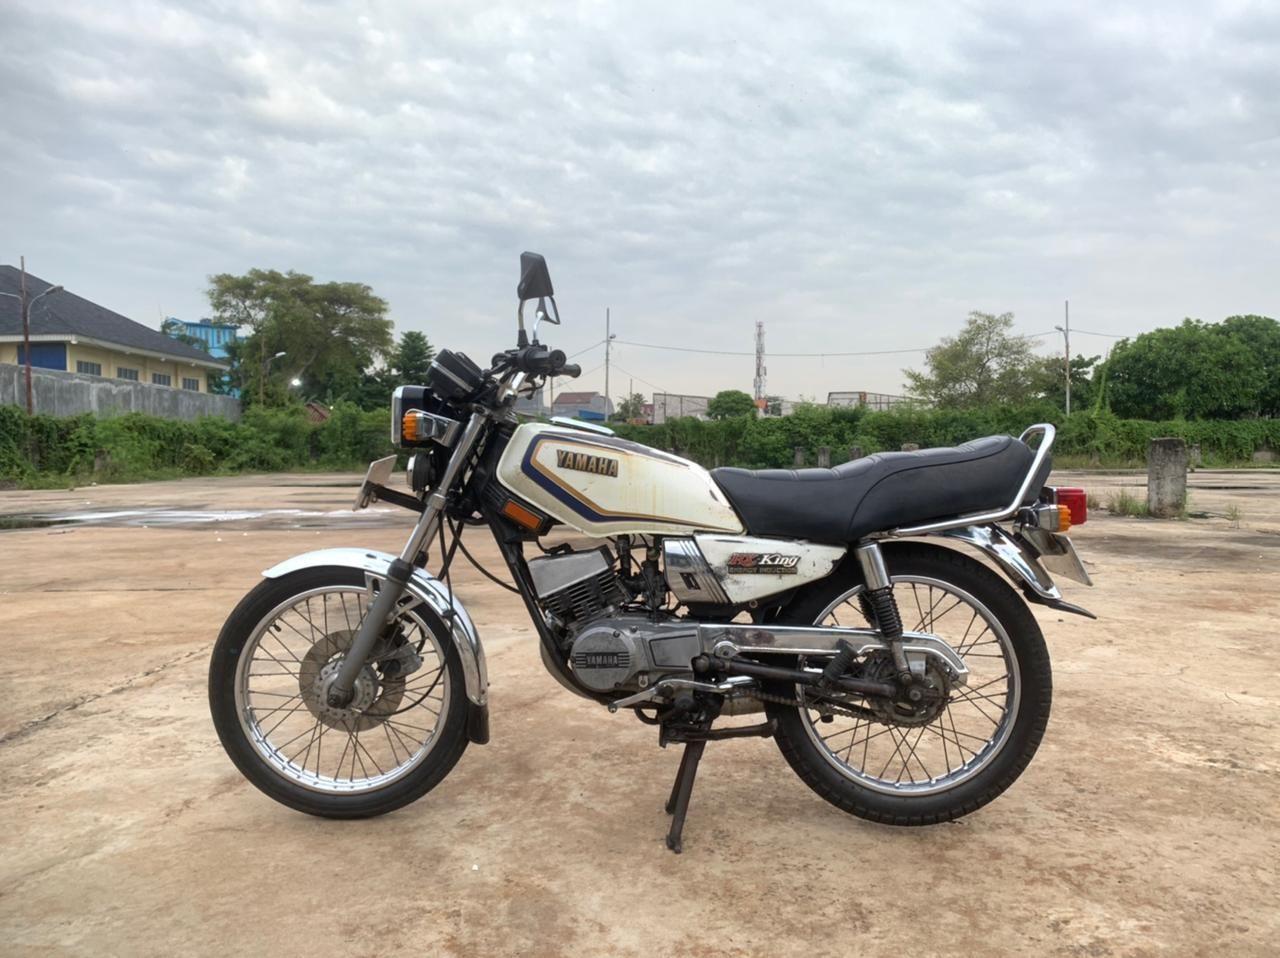 Yamaha RX-King Dijual Rp 125 Juta